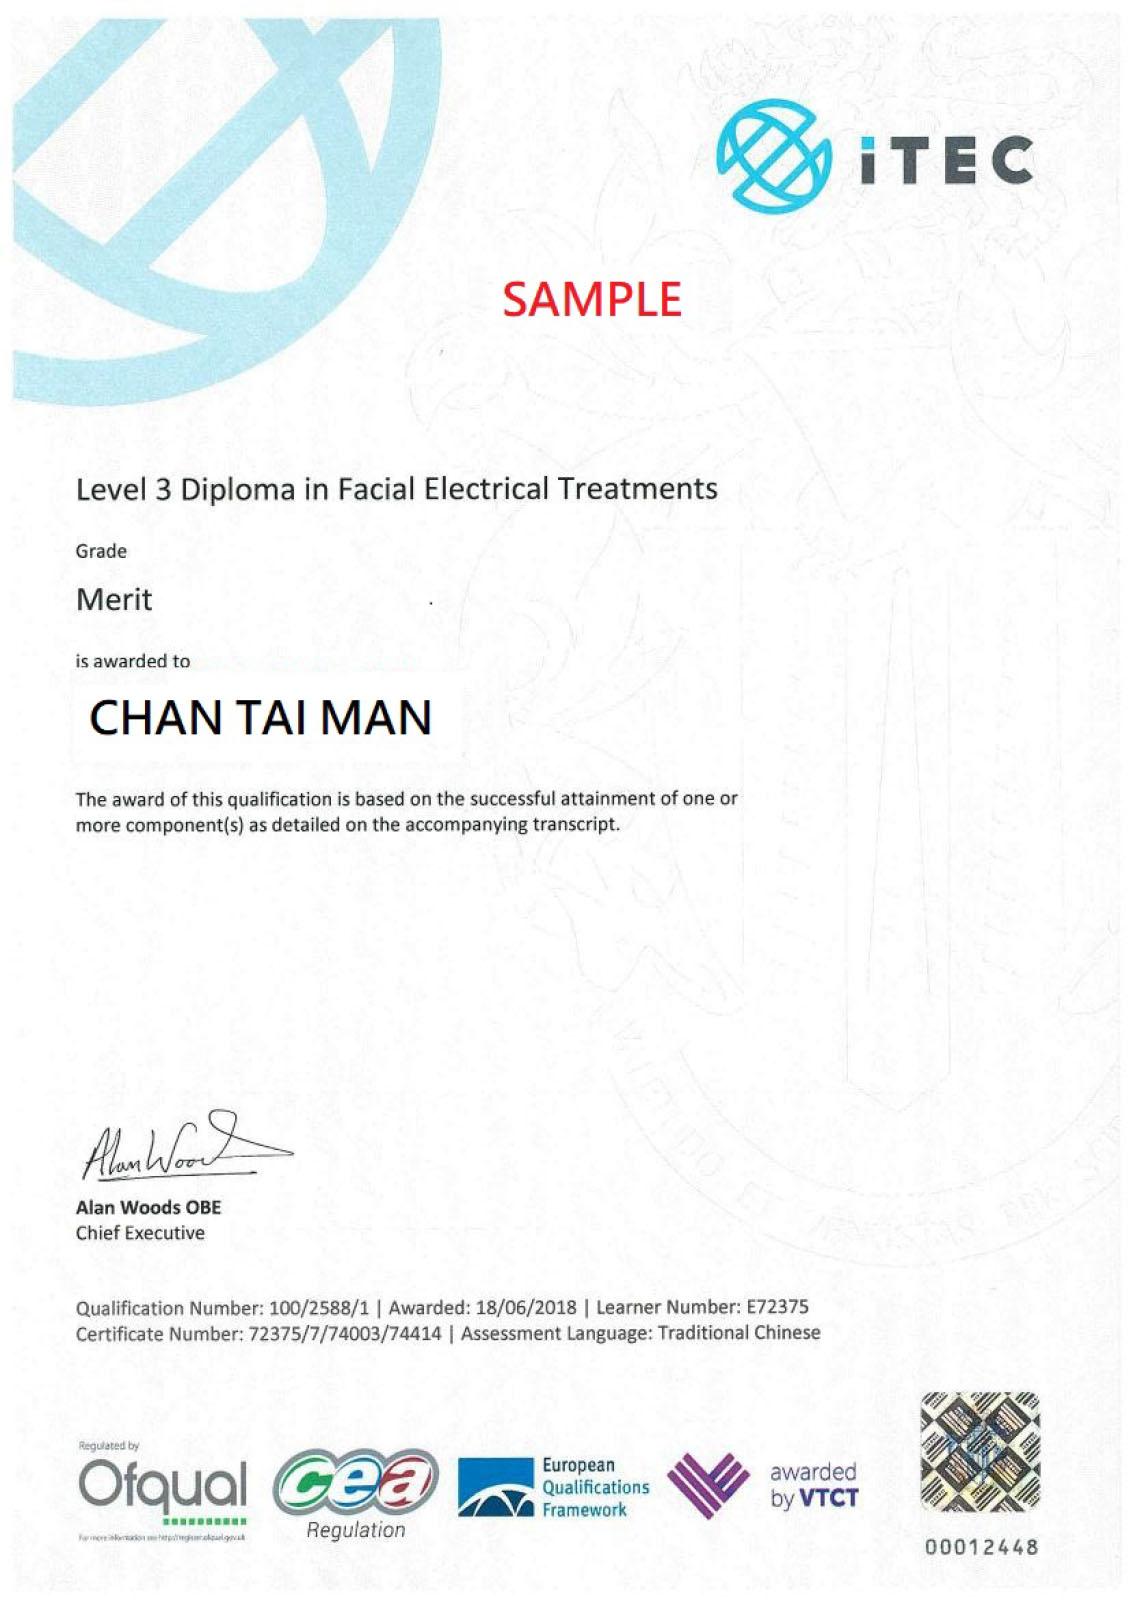 ITEC_Facial_electrial_treatments